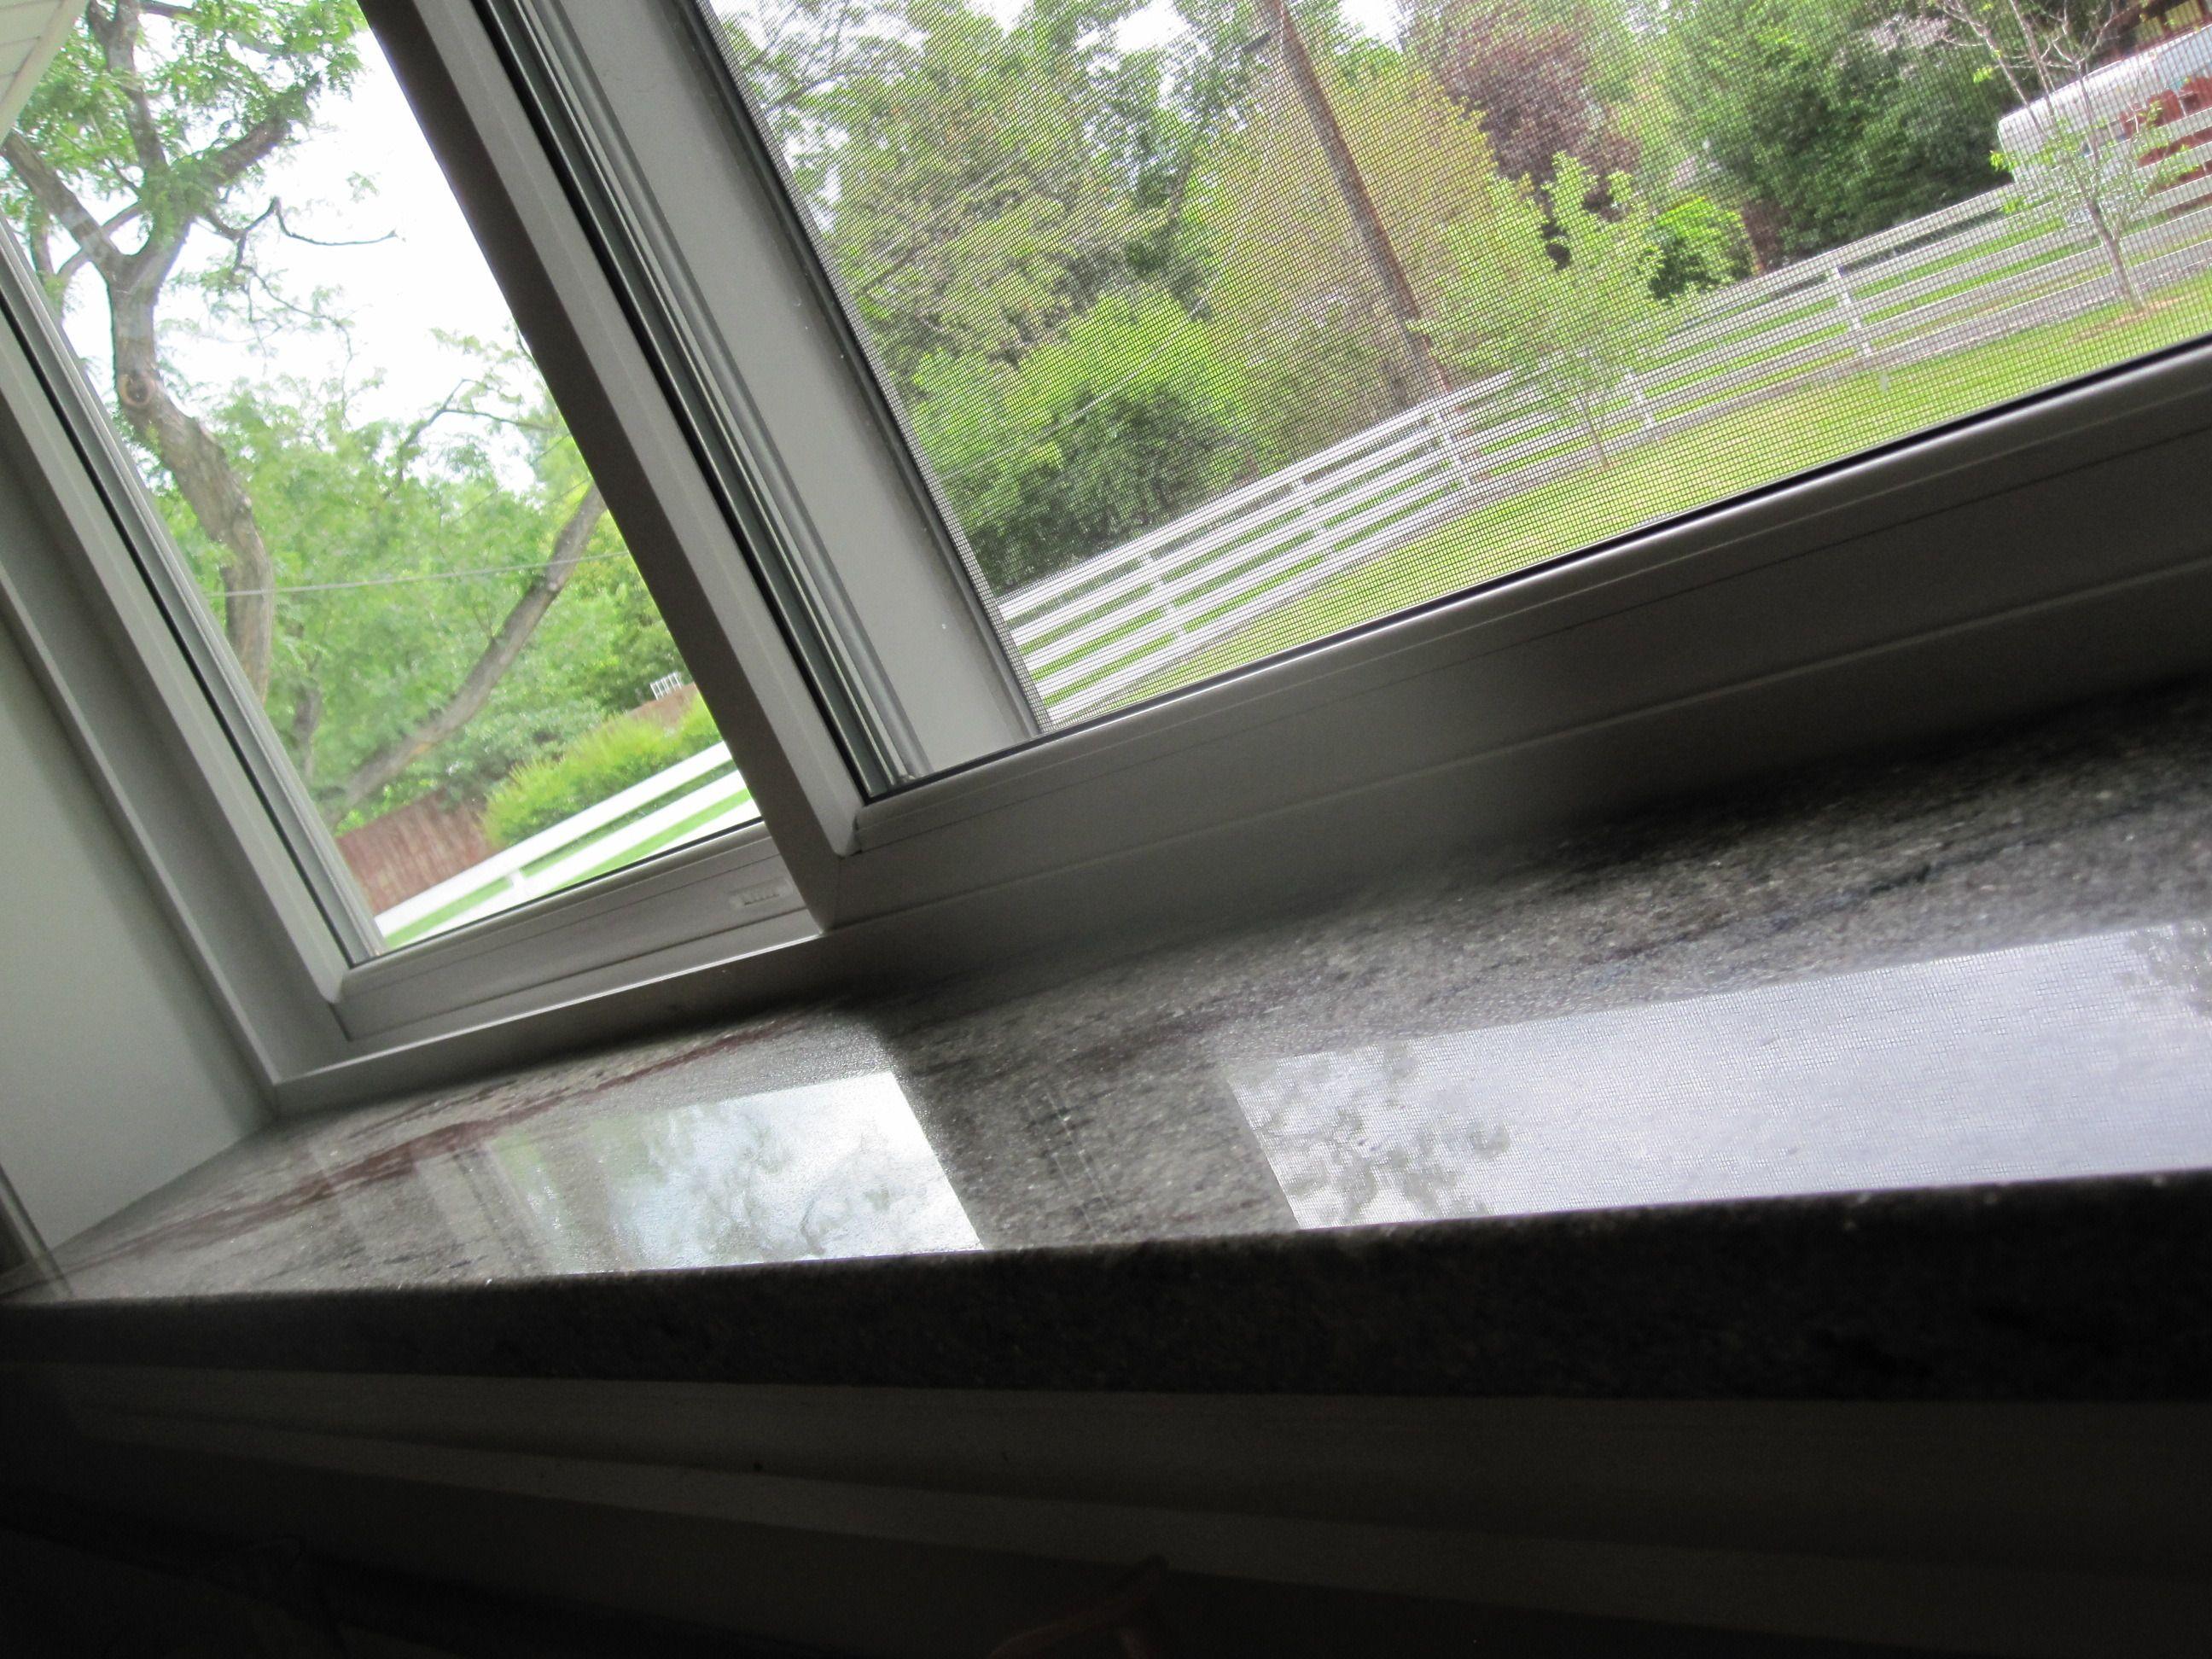 Granit Fensterbanke Bestechen Durch Ihre Schonheit Haltbarkeit Und Versprechen Wahren Luxus Bei Uns Erhalten Granit Fensterbank Naturstein Fensterbank Granit